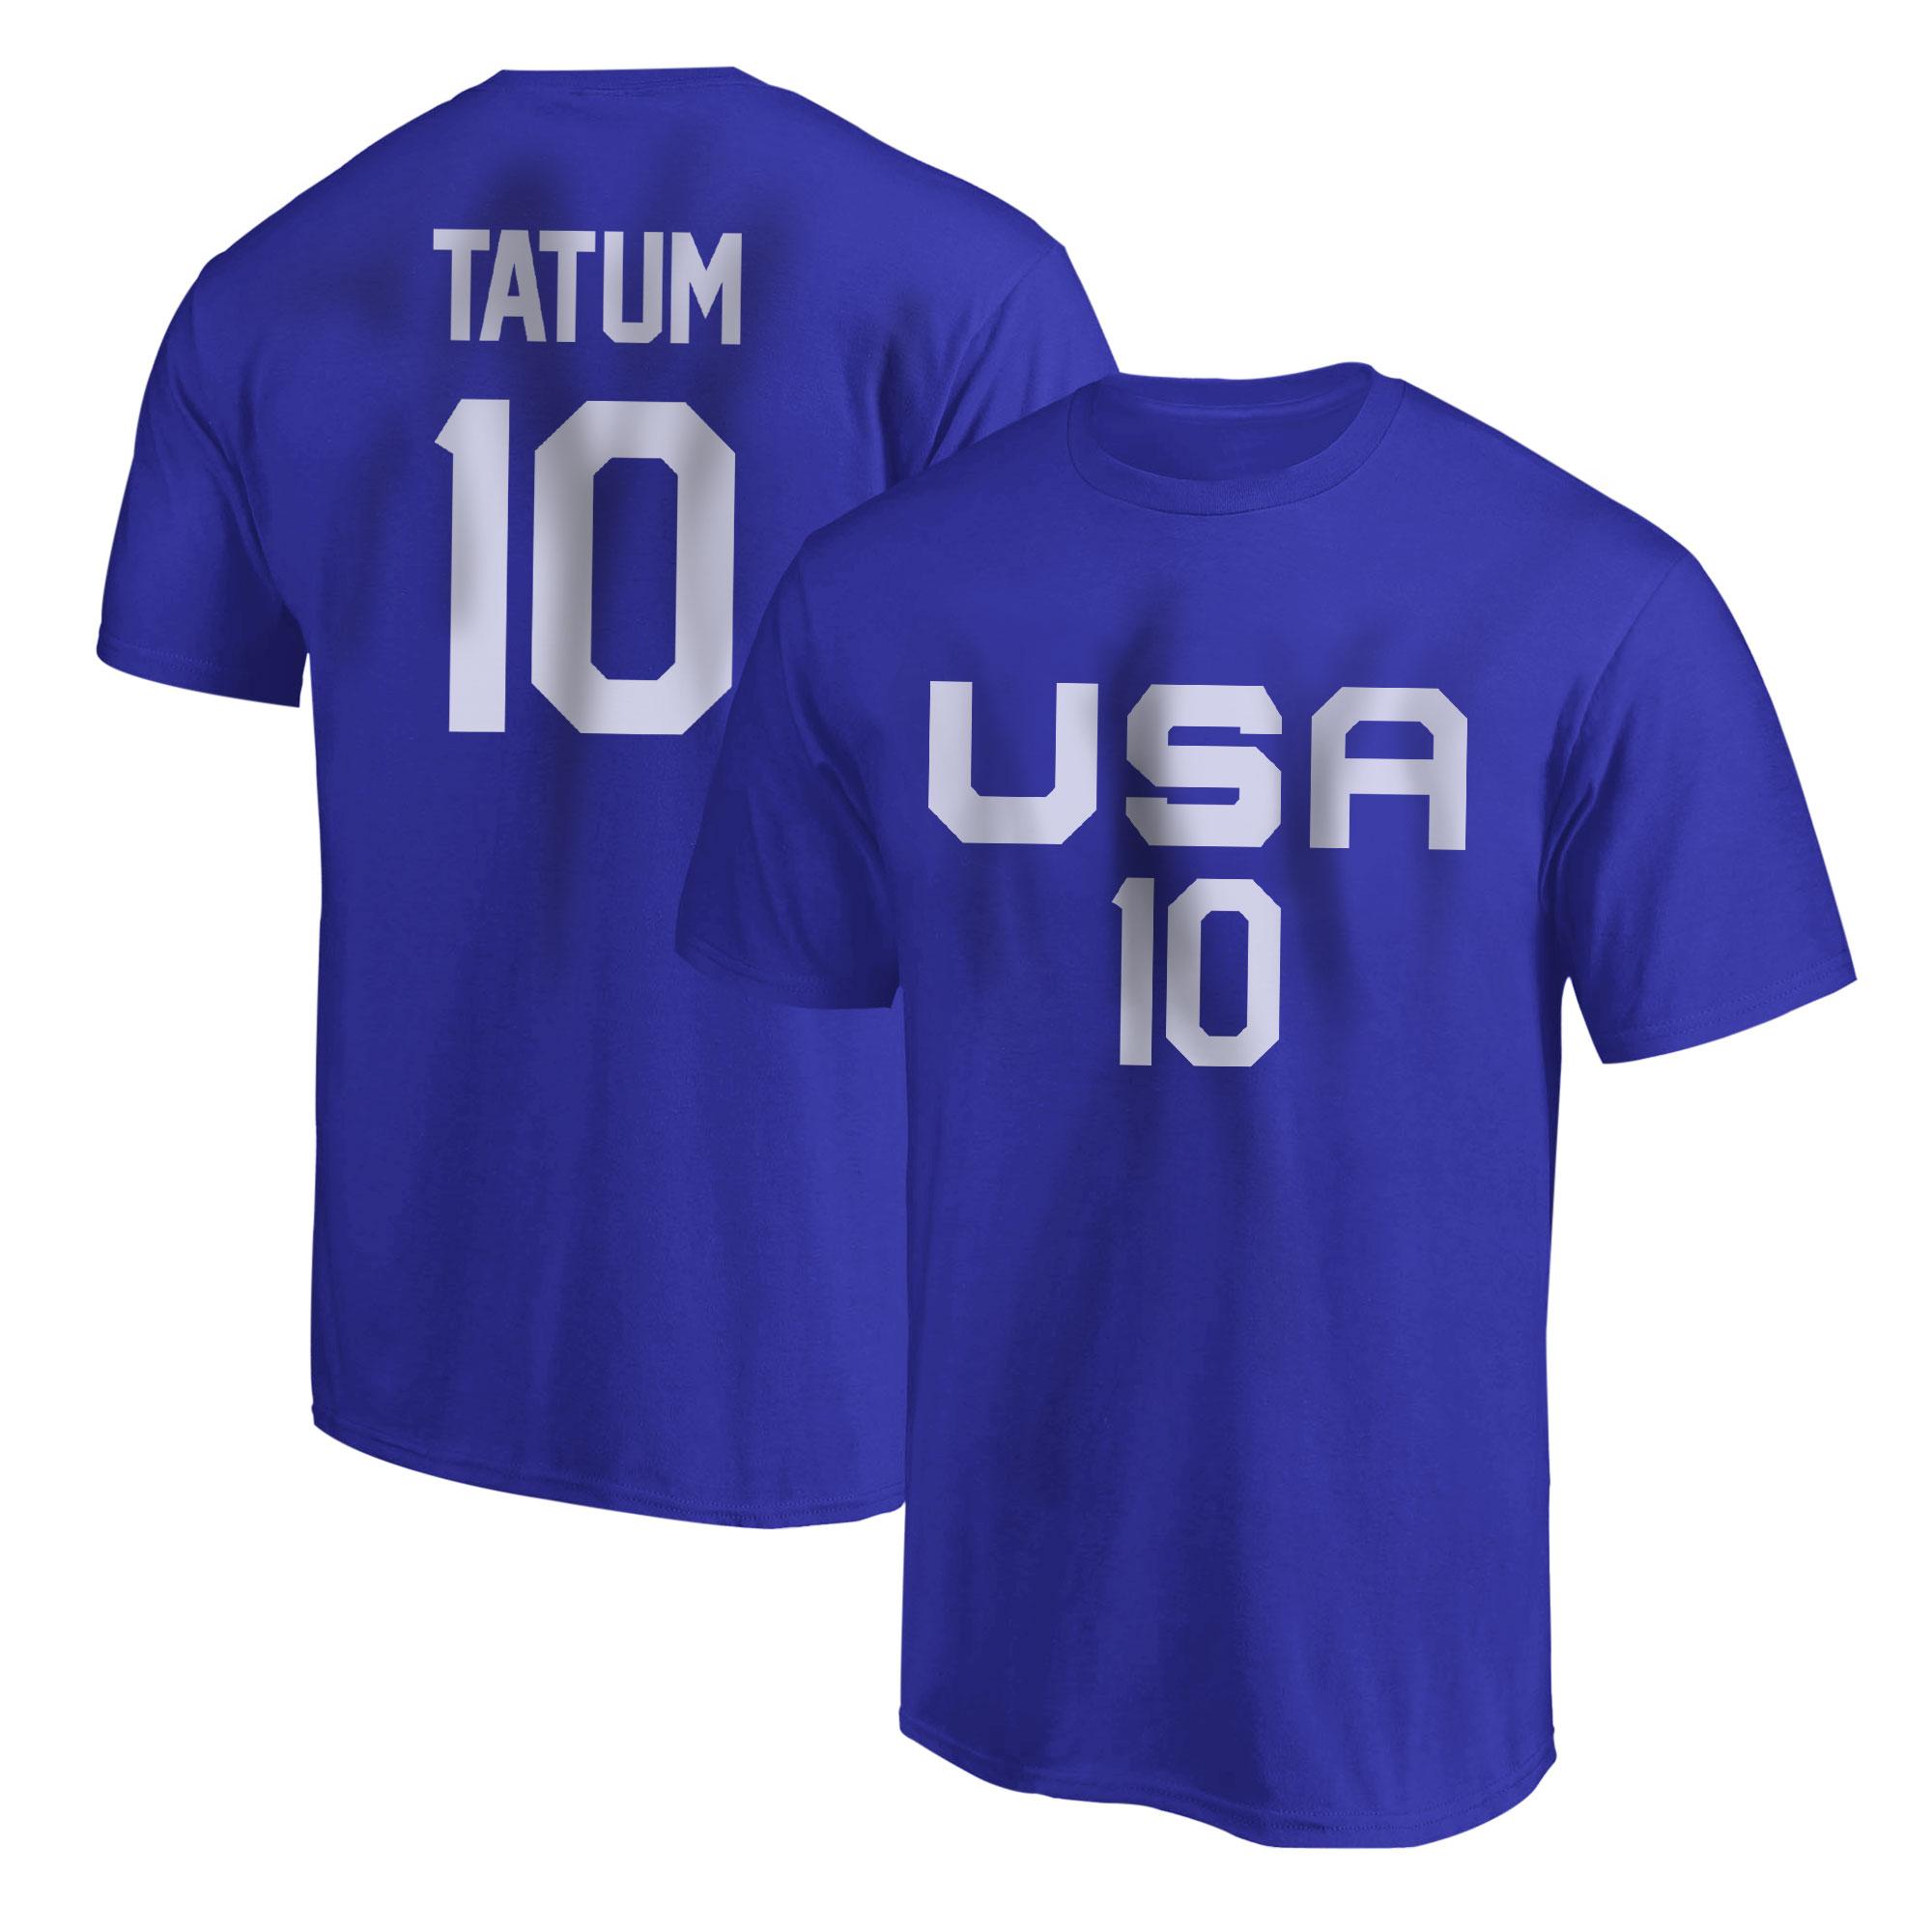 Olympic Team Jason Tatum Tshirt (TSH-RED-NP-532-10)